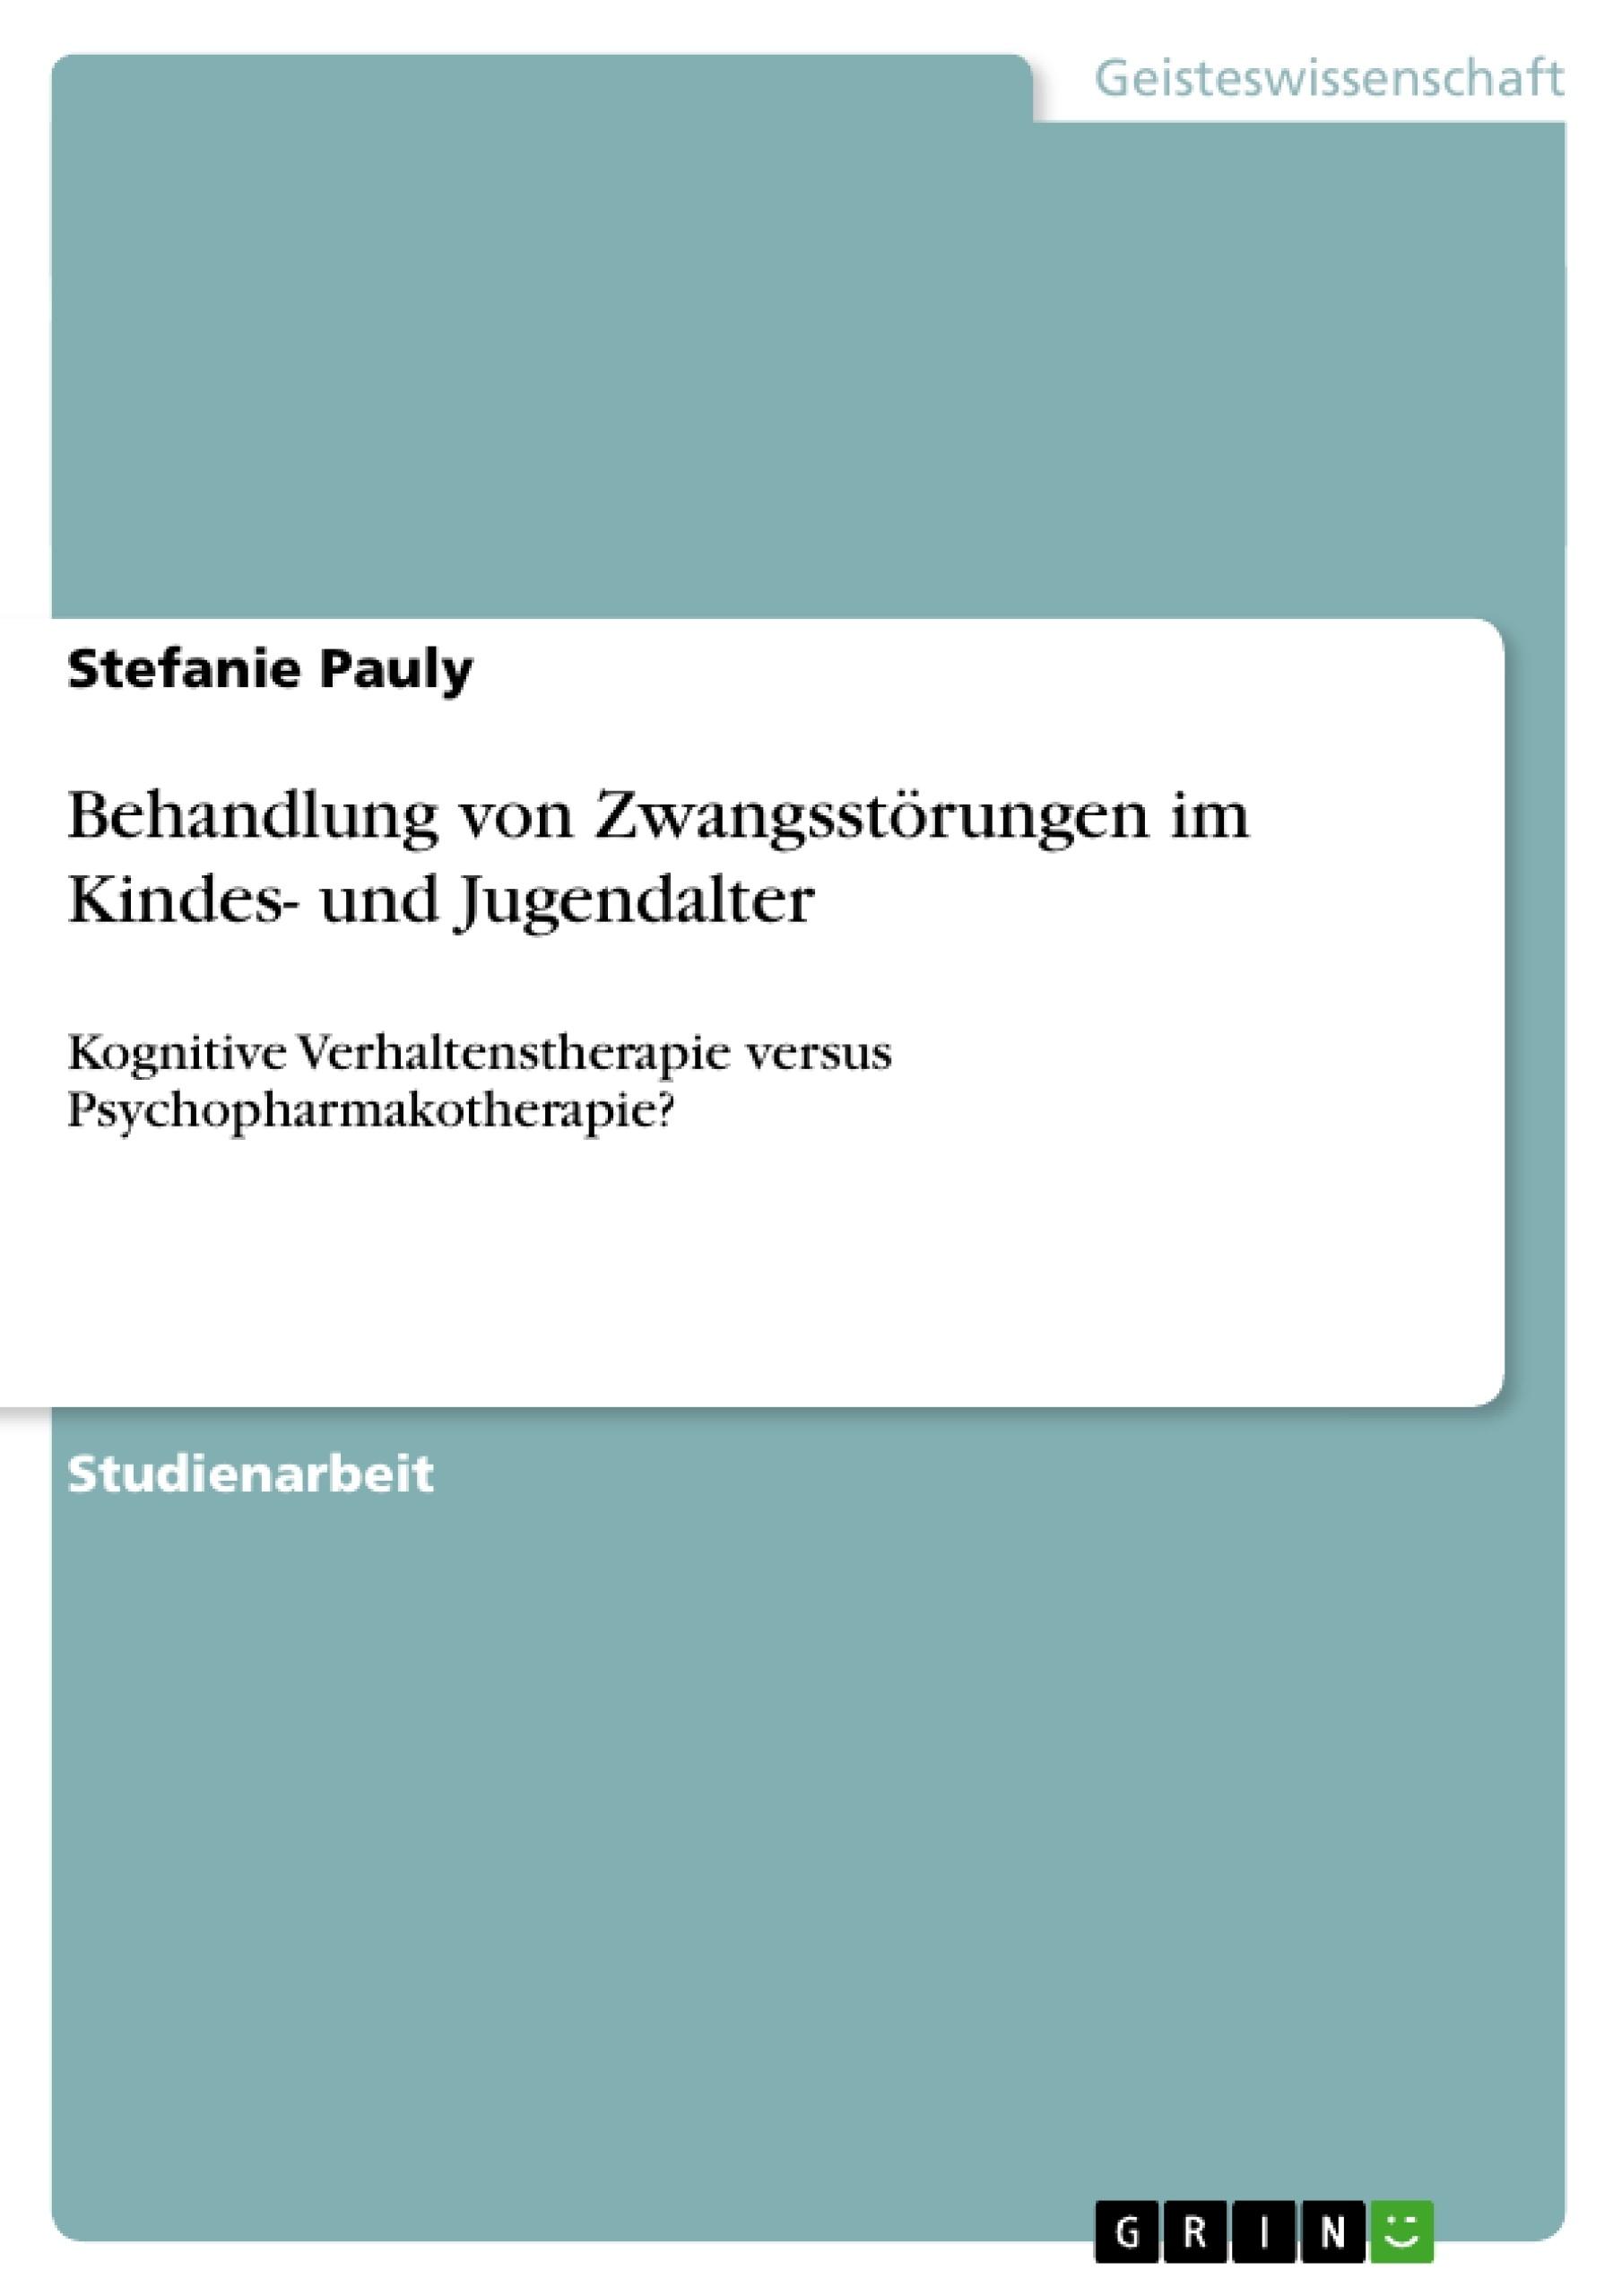 Titel: Behandlung von Zwangsstörungen im Kindes- und Jugendalter